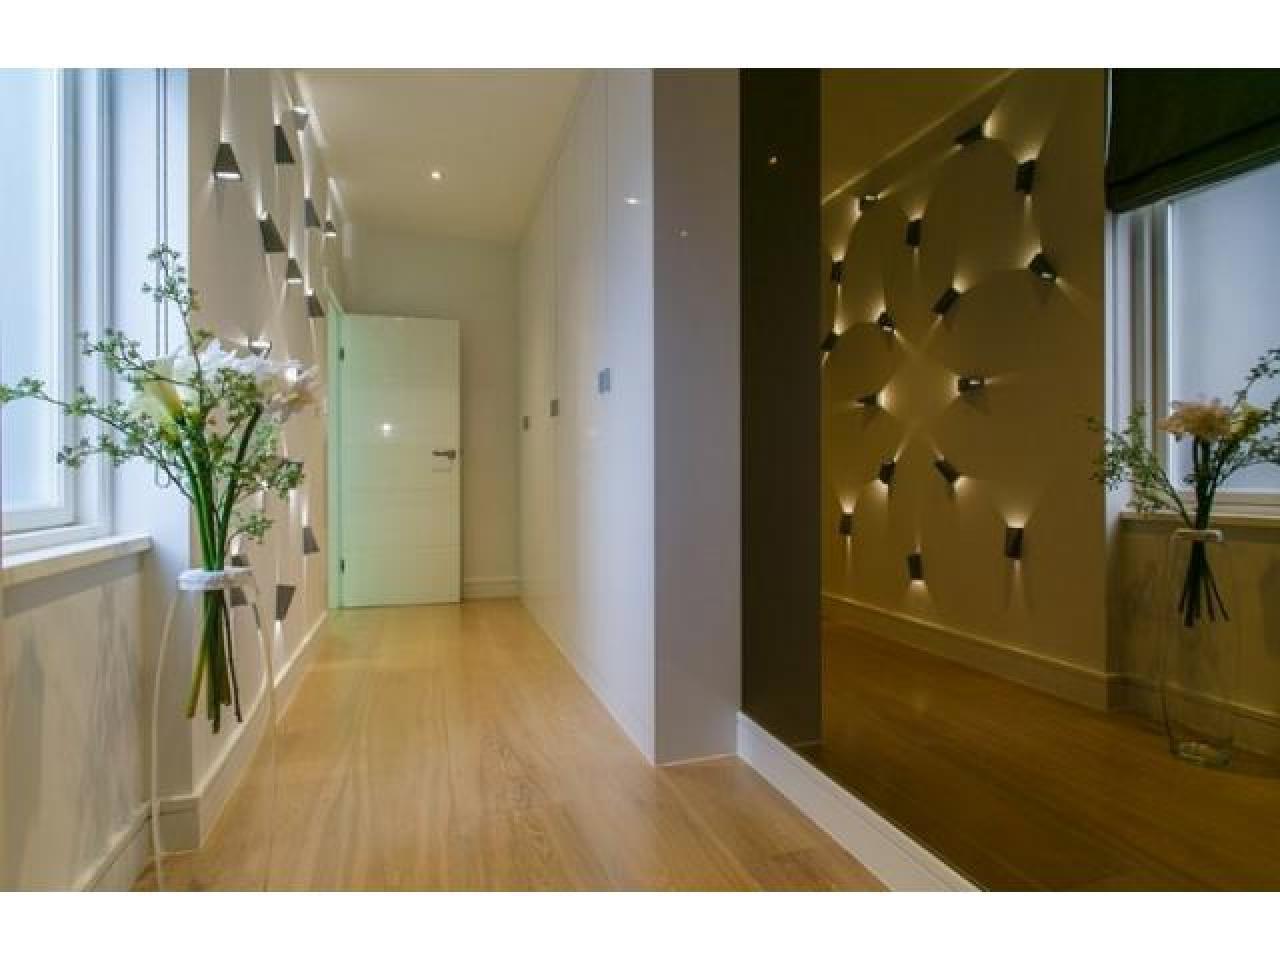 Инвестиционно-строительная компания - London Development & Construction. - 7